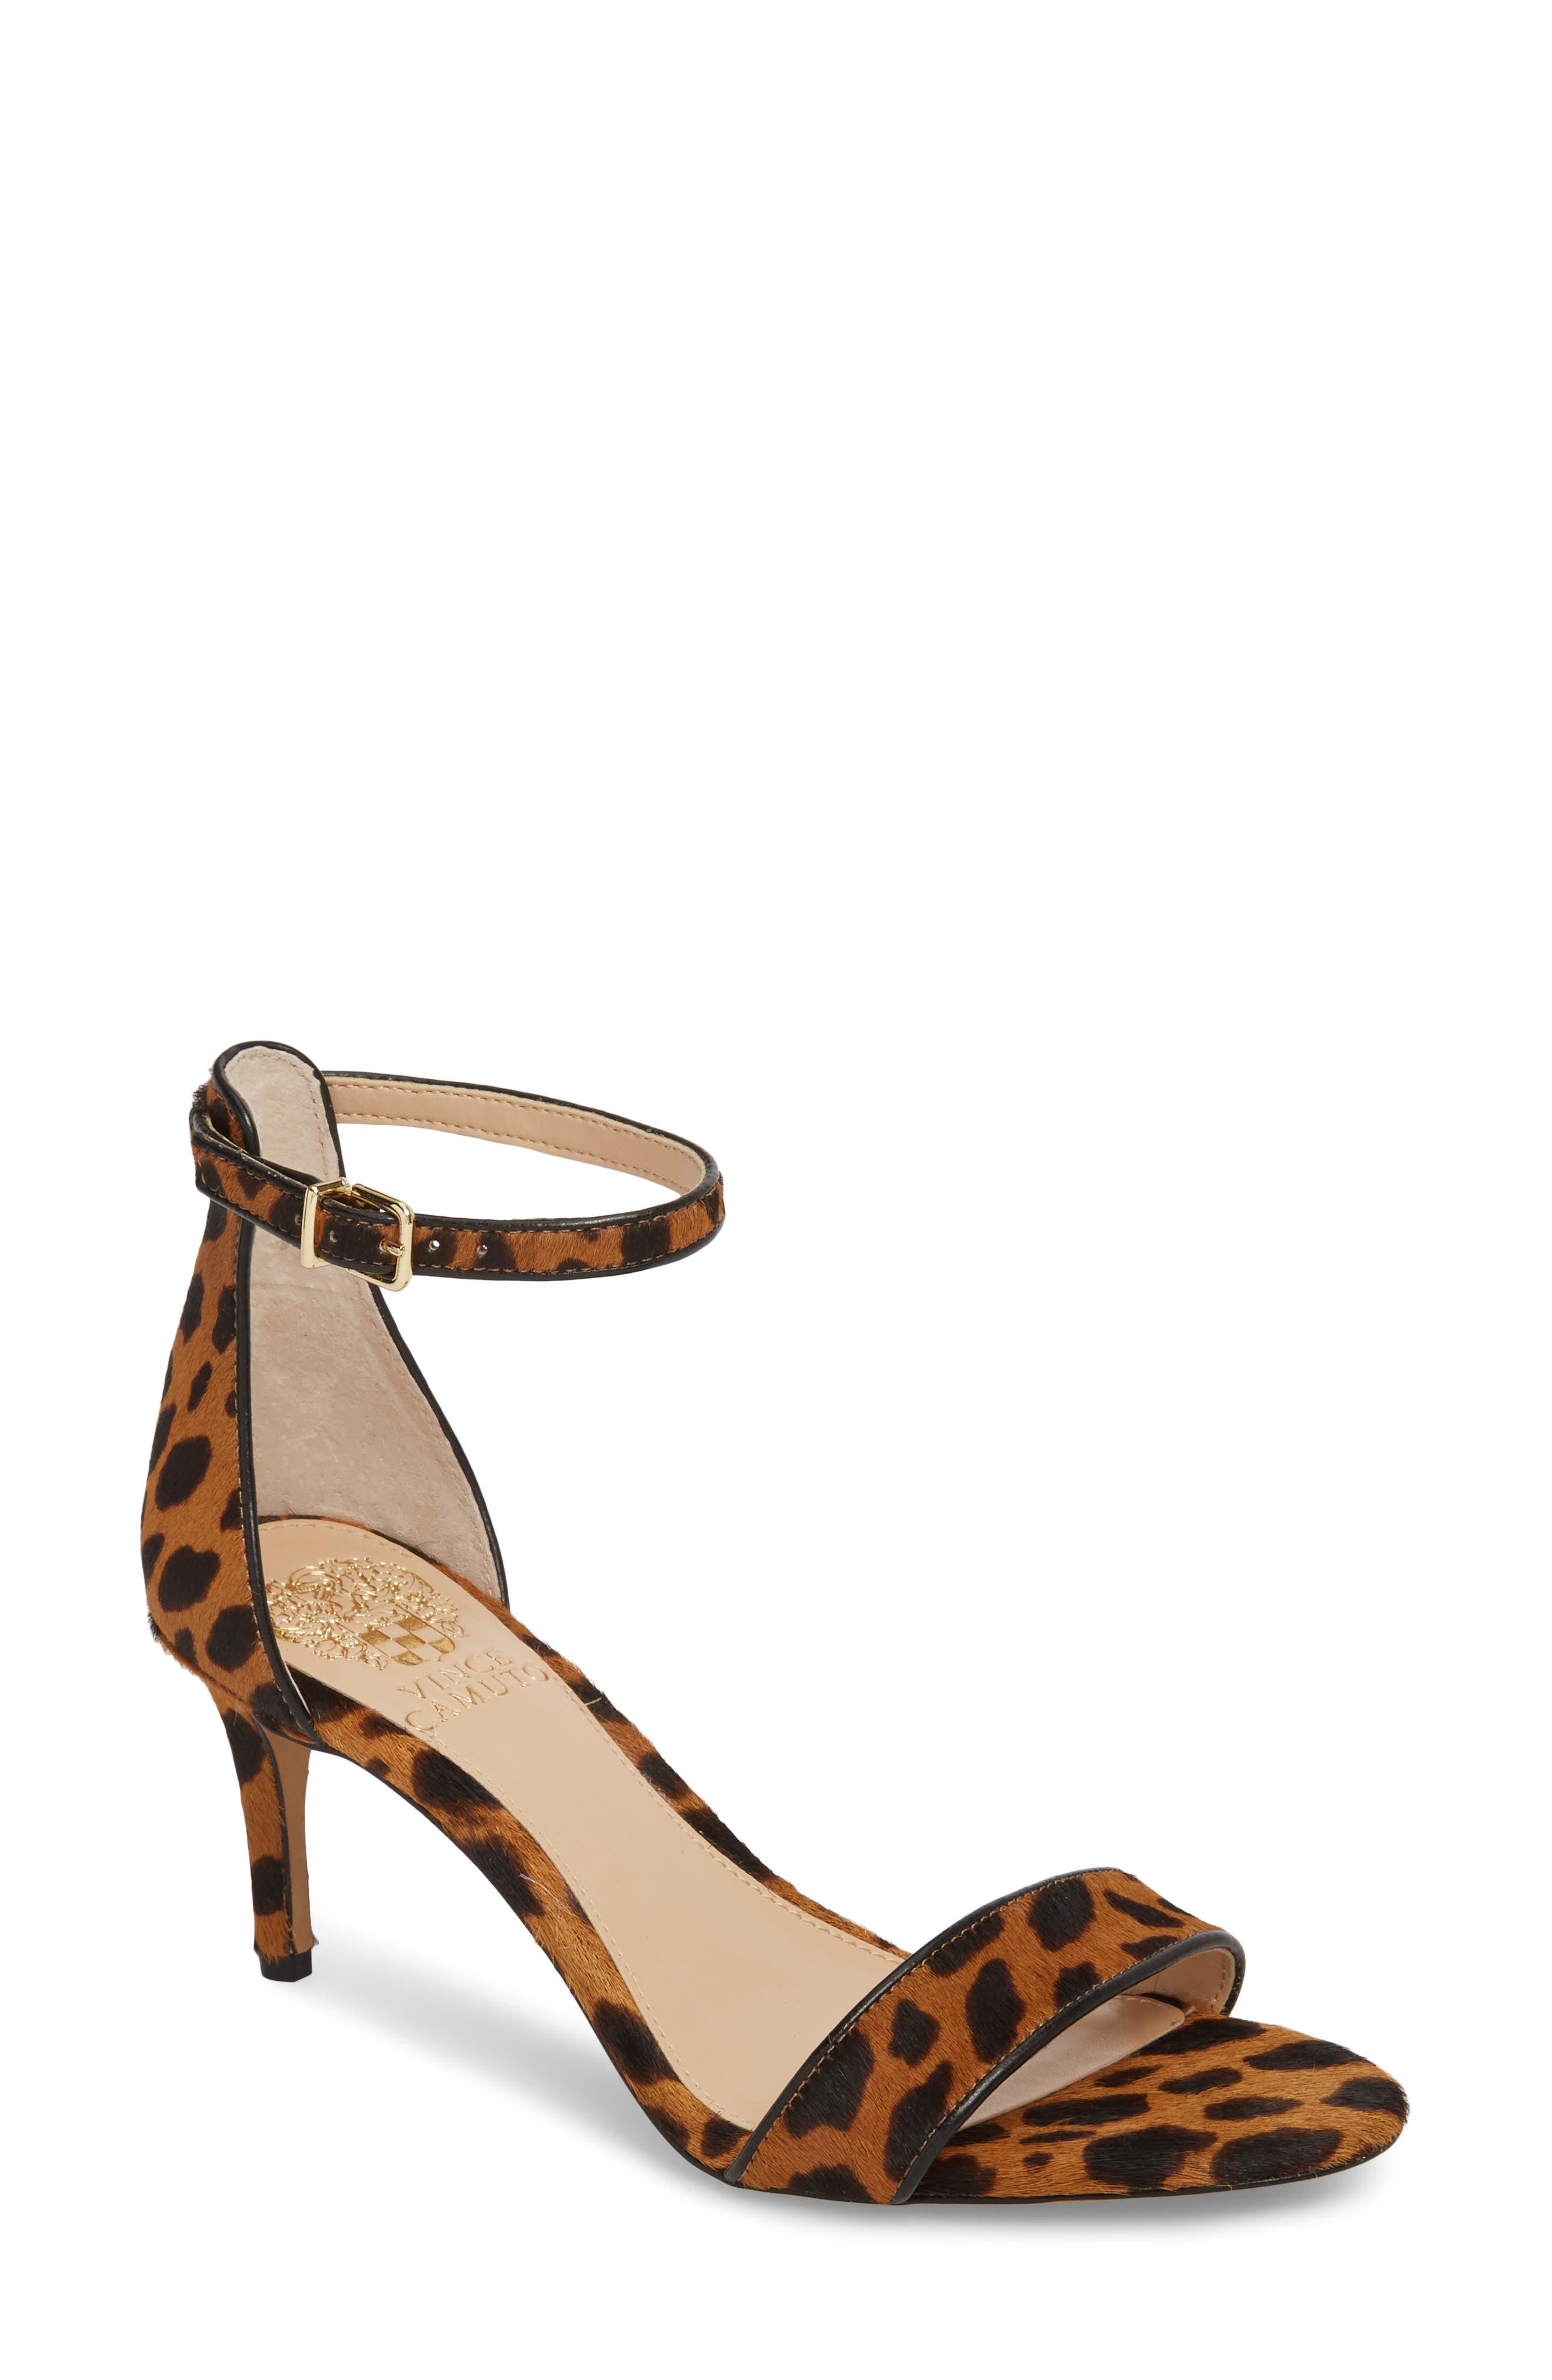 Alternate Image 1 Selected - Vince Camuto Sebatini Genuine Calf Hair Sandal (Women)